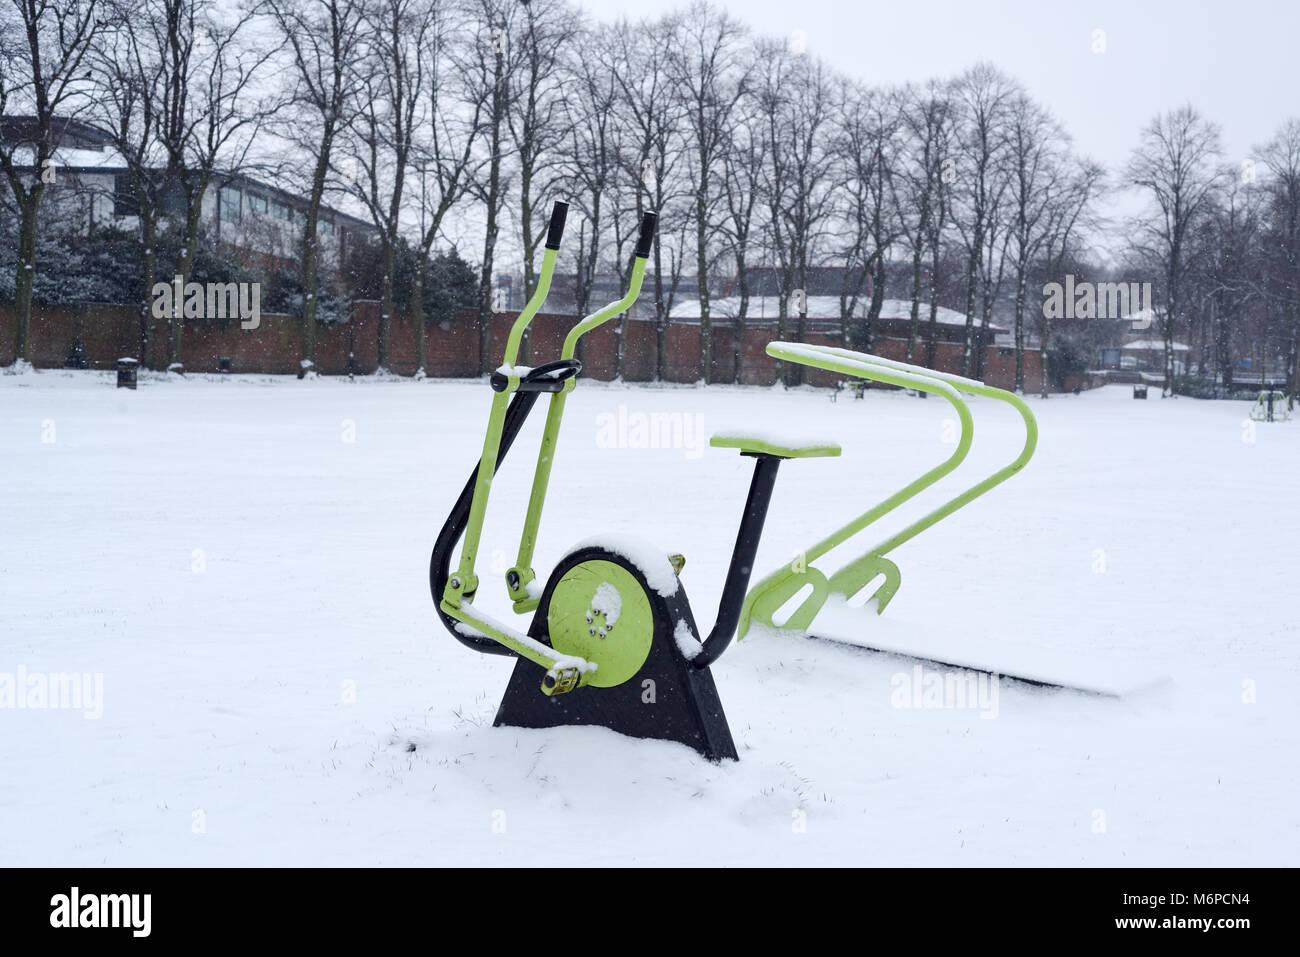 Equipo de ejercicio en un parque público cubierto de nieve,Reino Unido. Imagen De Stock